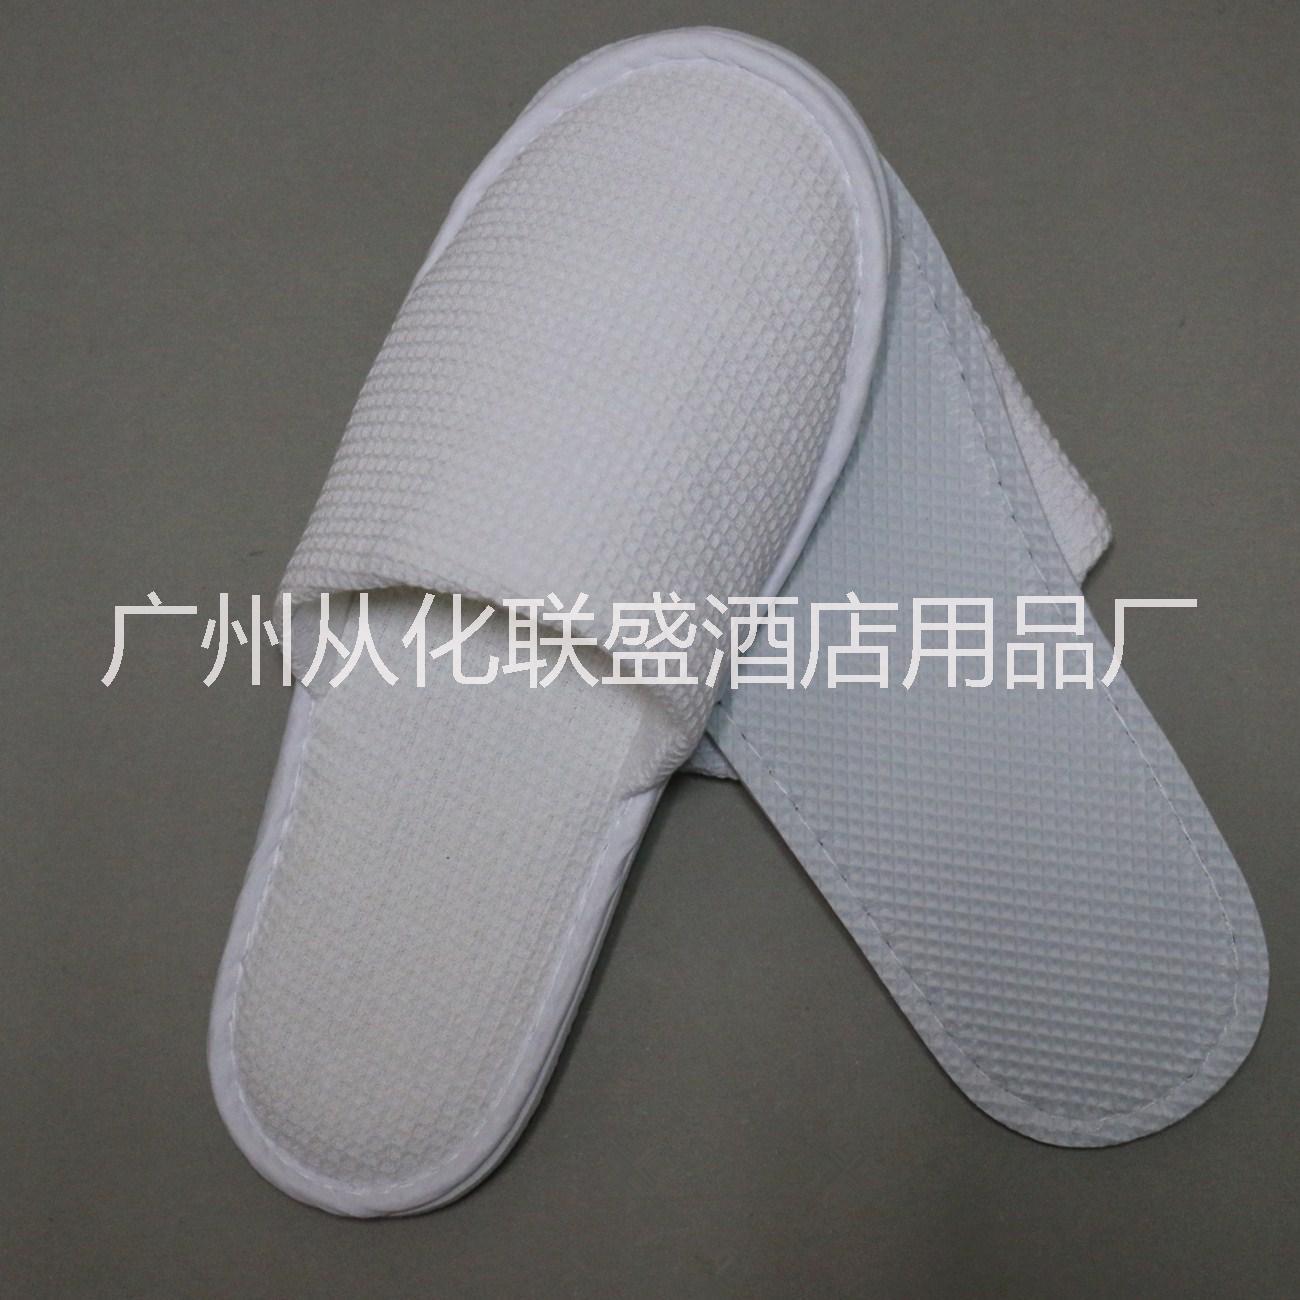 供应一次性拖鞋XP-47 蜂巢布一次性拖鞋 可定制